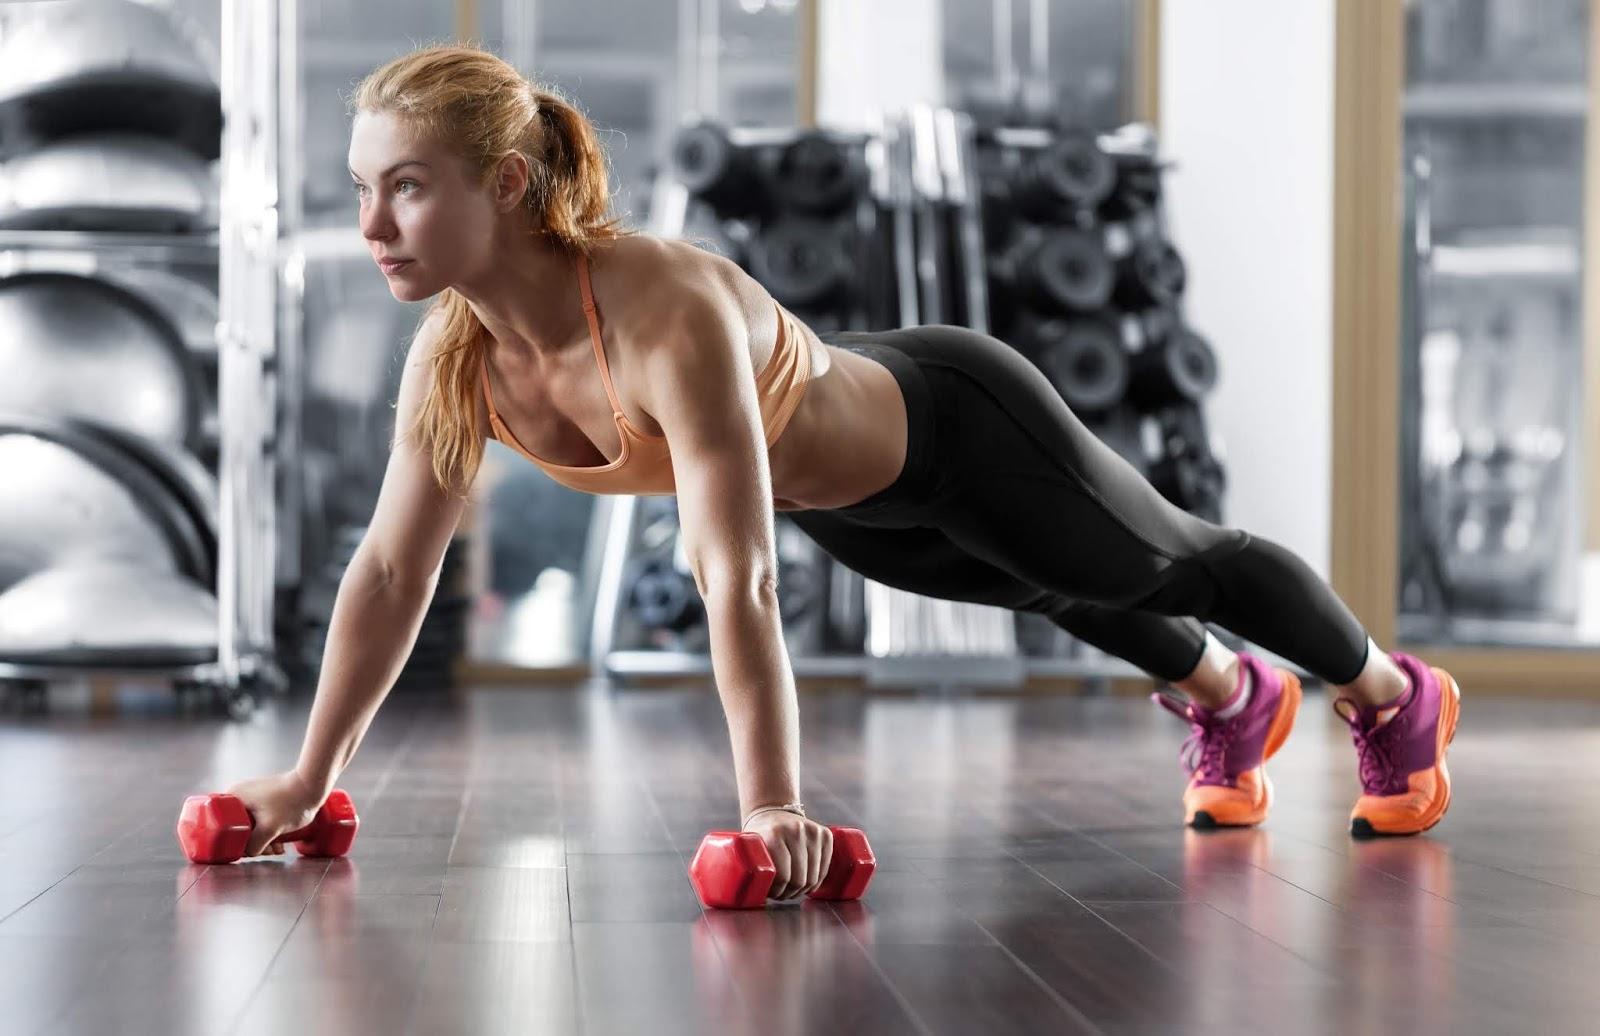 Интервальное кардио для похудения: программы тренировок, плюсы и минусы - tony.ru